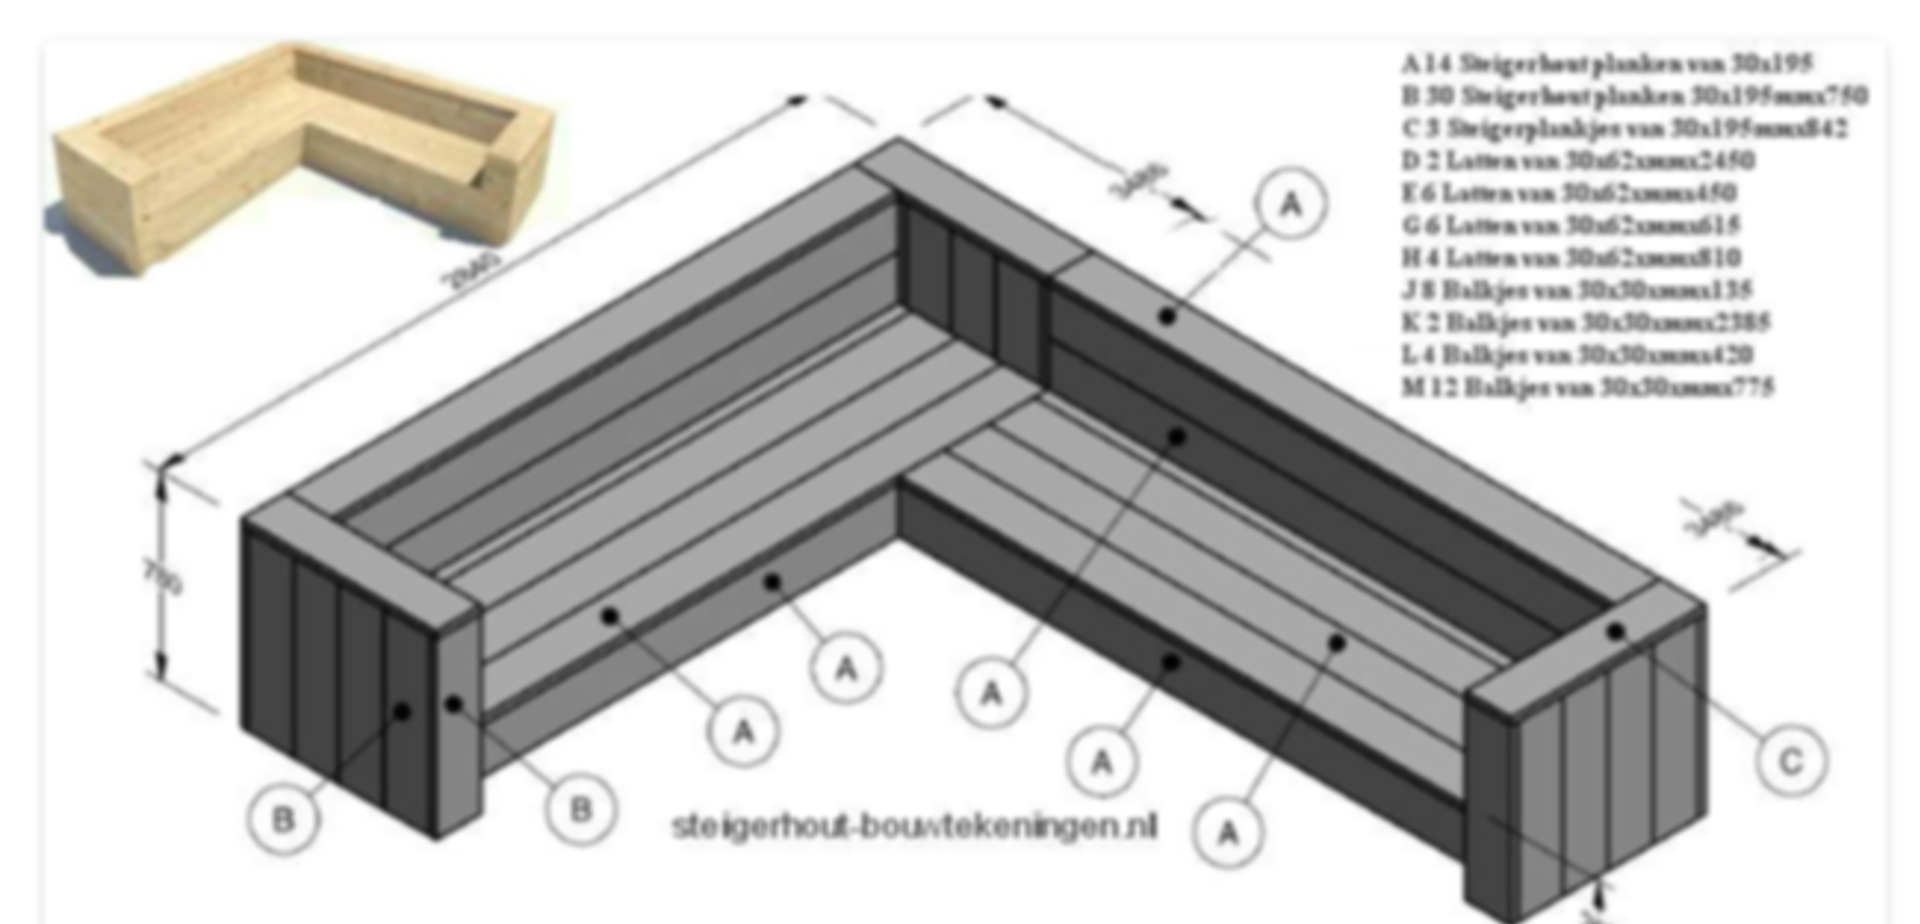 Hoekbank steigerhout for Tuin praxis